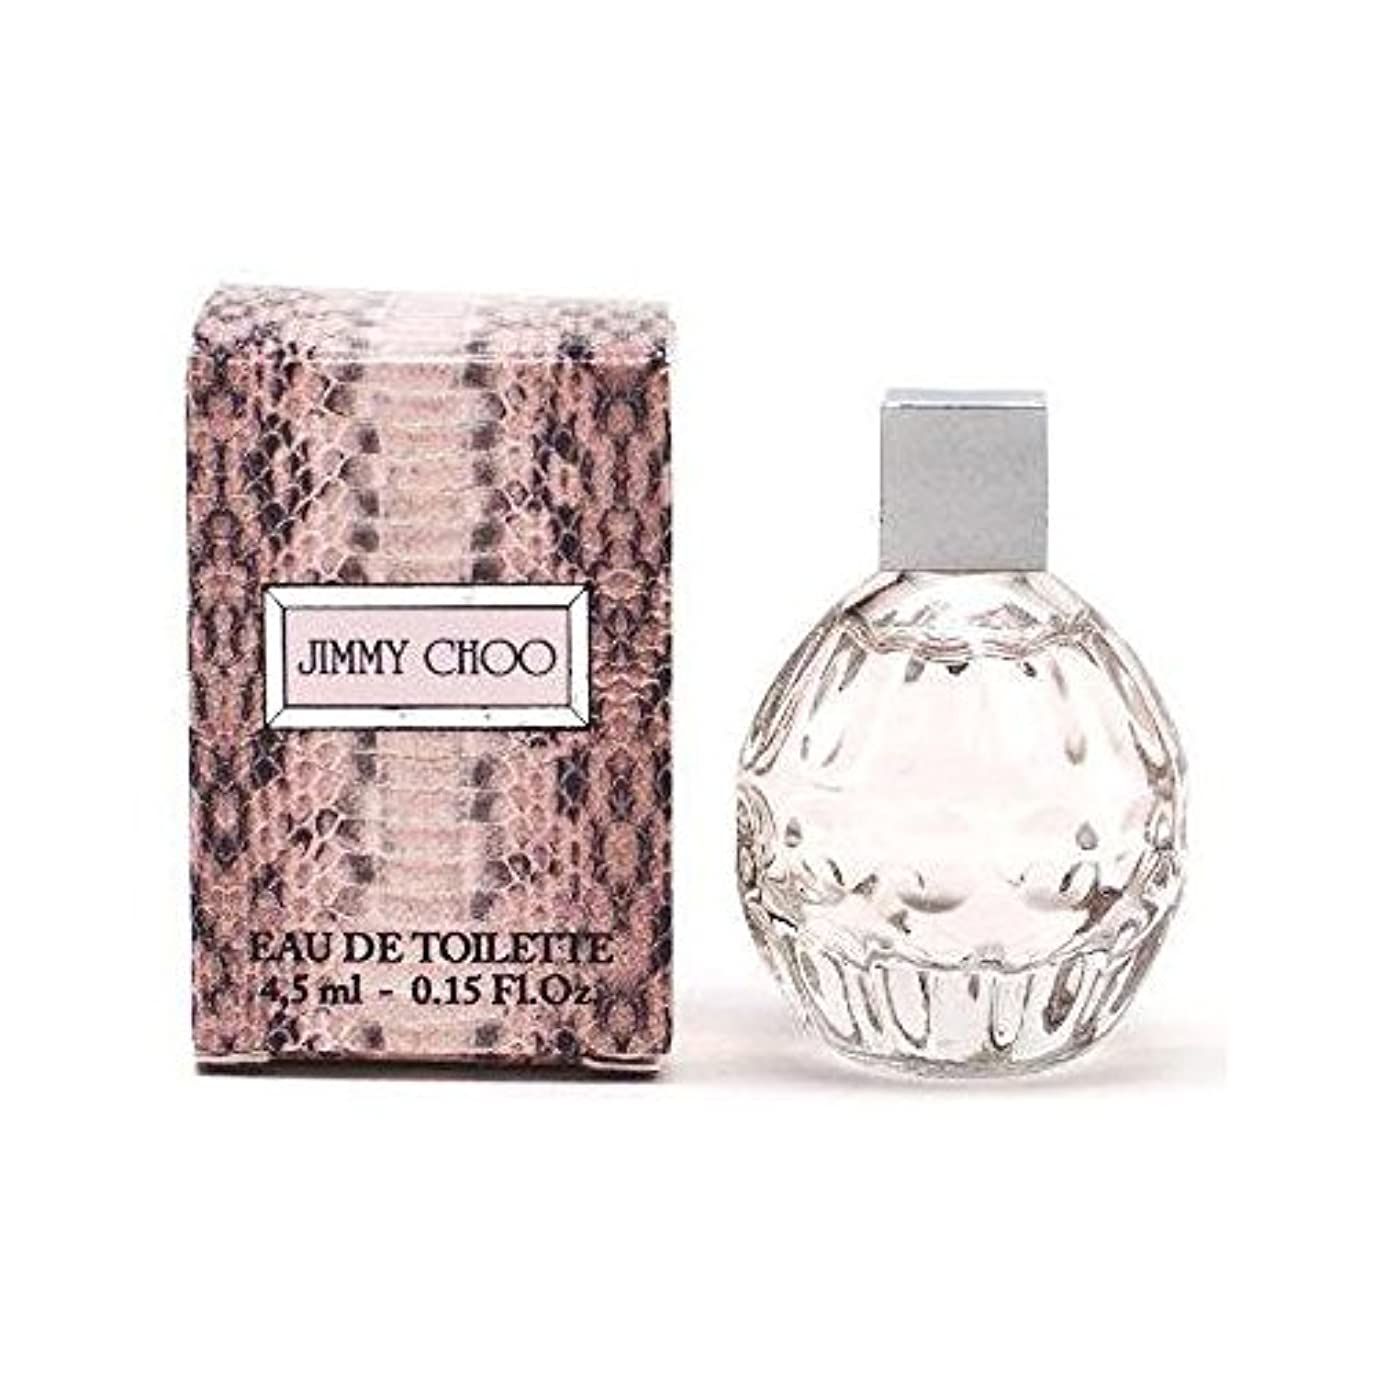 代わって確認してくださいシュートJIMMY CHOO ミニチュア香水 ジミーチュウ オードトワレ 4.5ml EDT [並行輸入品]